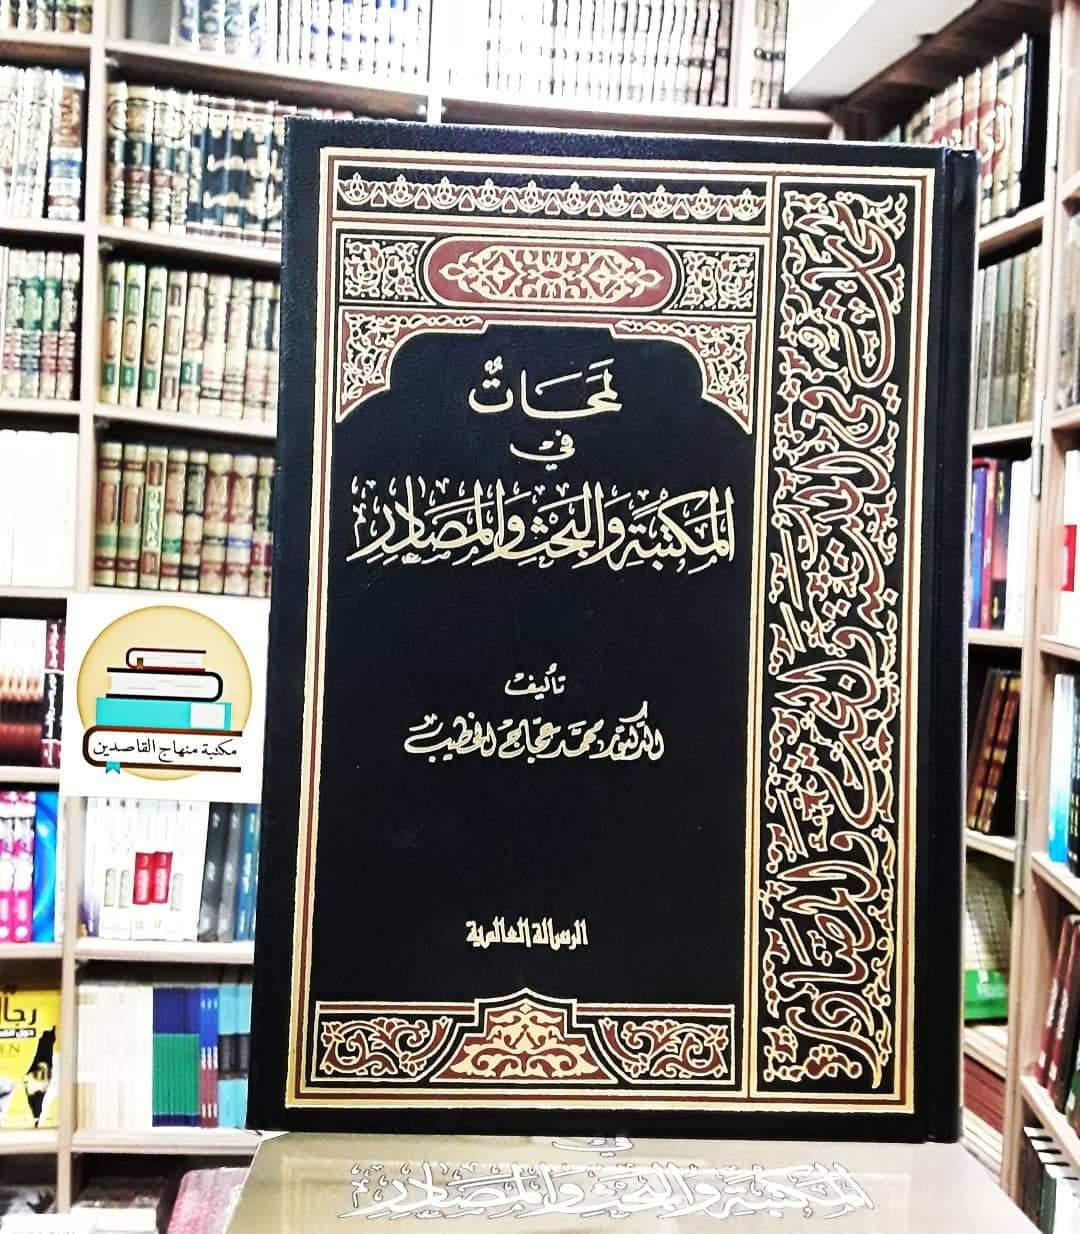 img 20211012 wa0004 - تركيا بالعربي